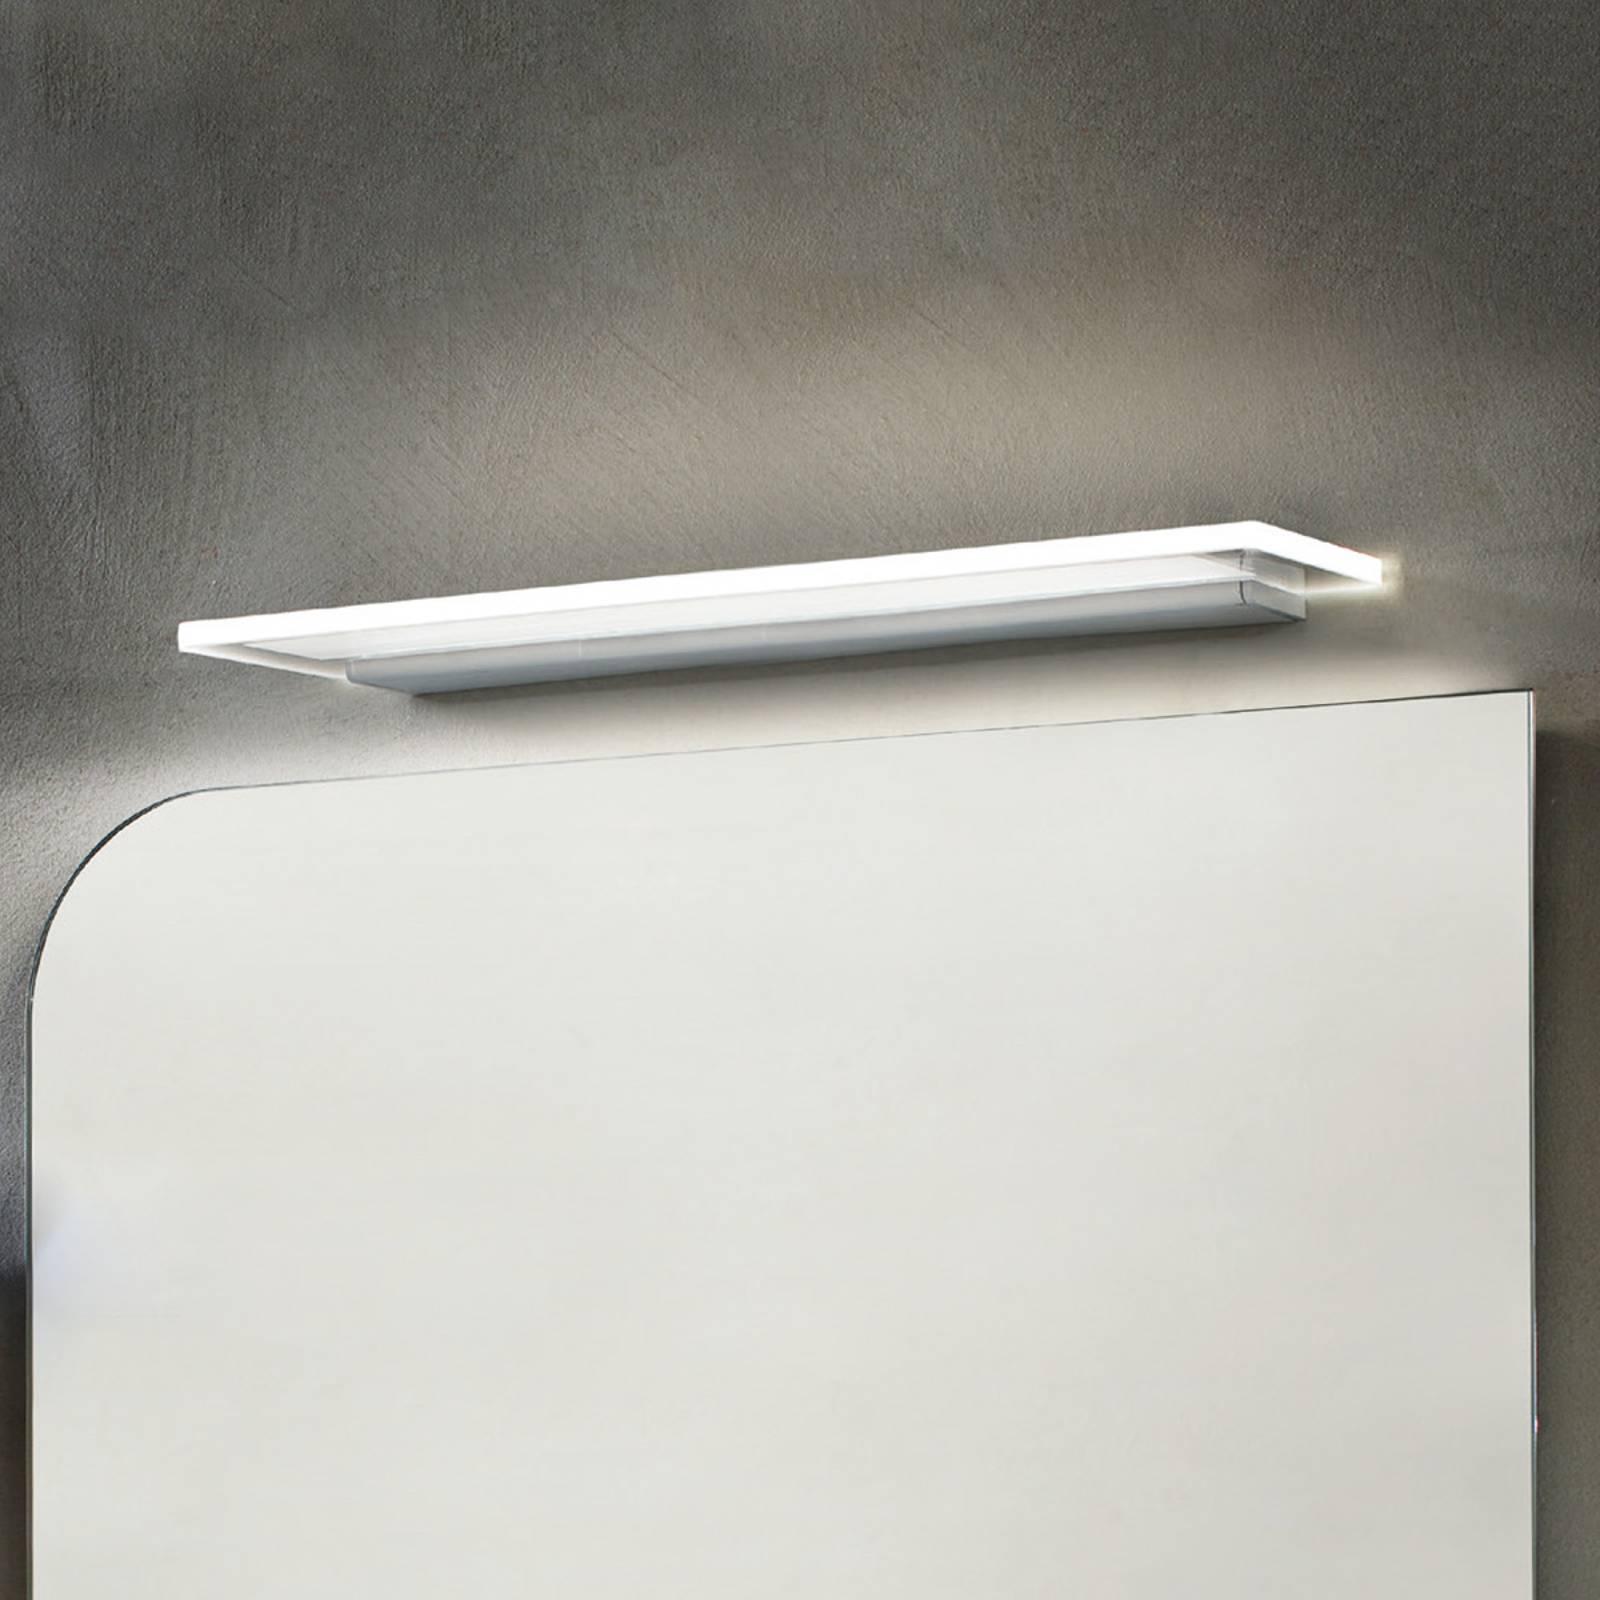 LED-seinävalo Skinny IP44-luokka kiiltävä alumiini